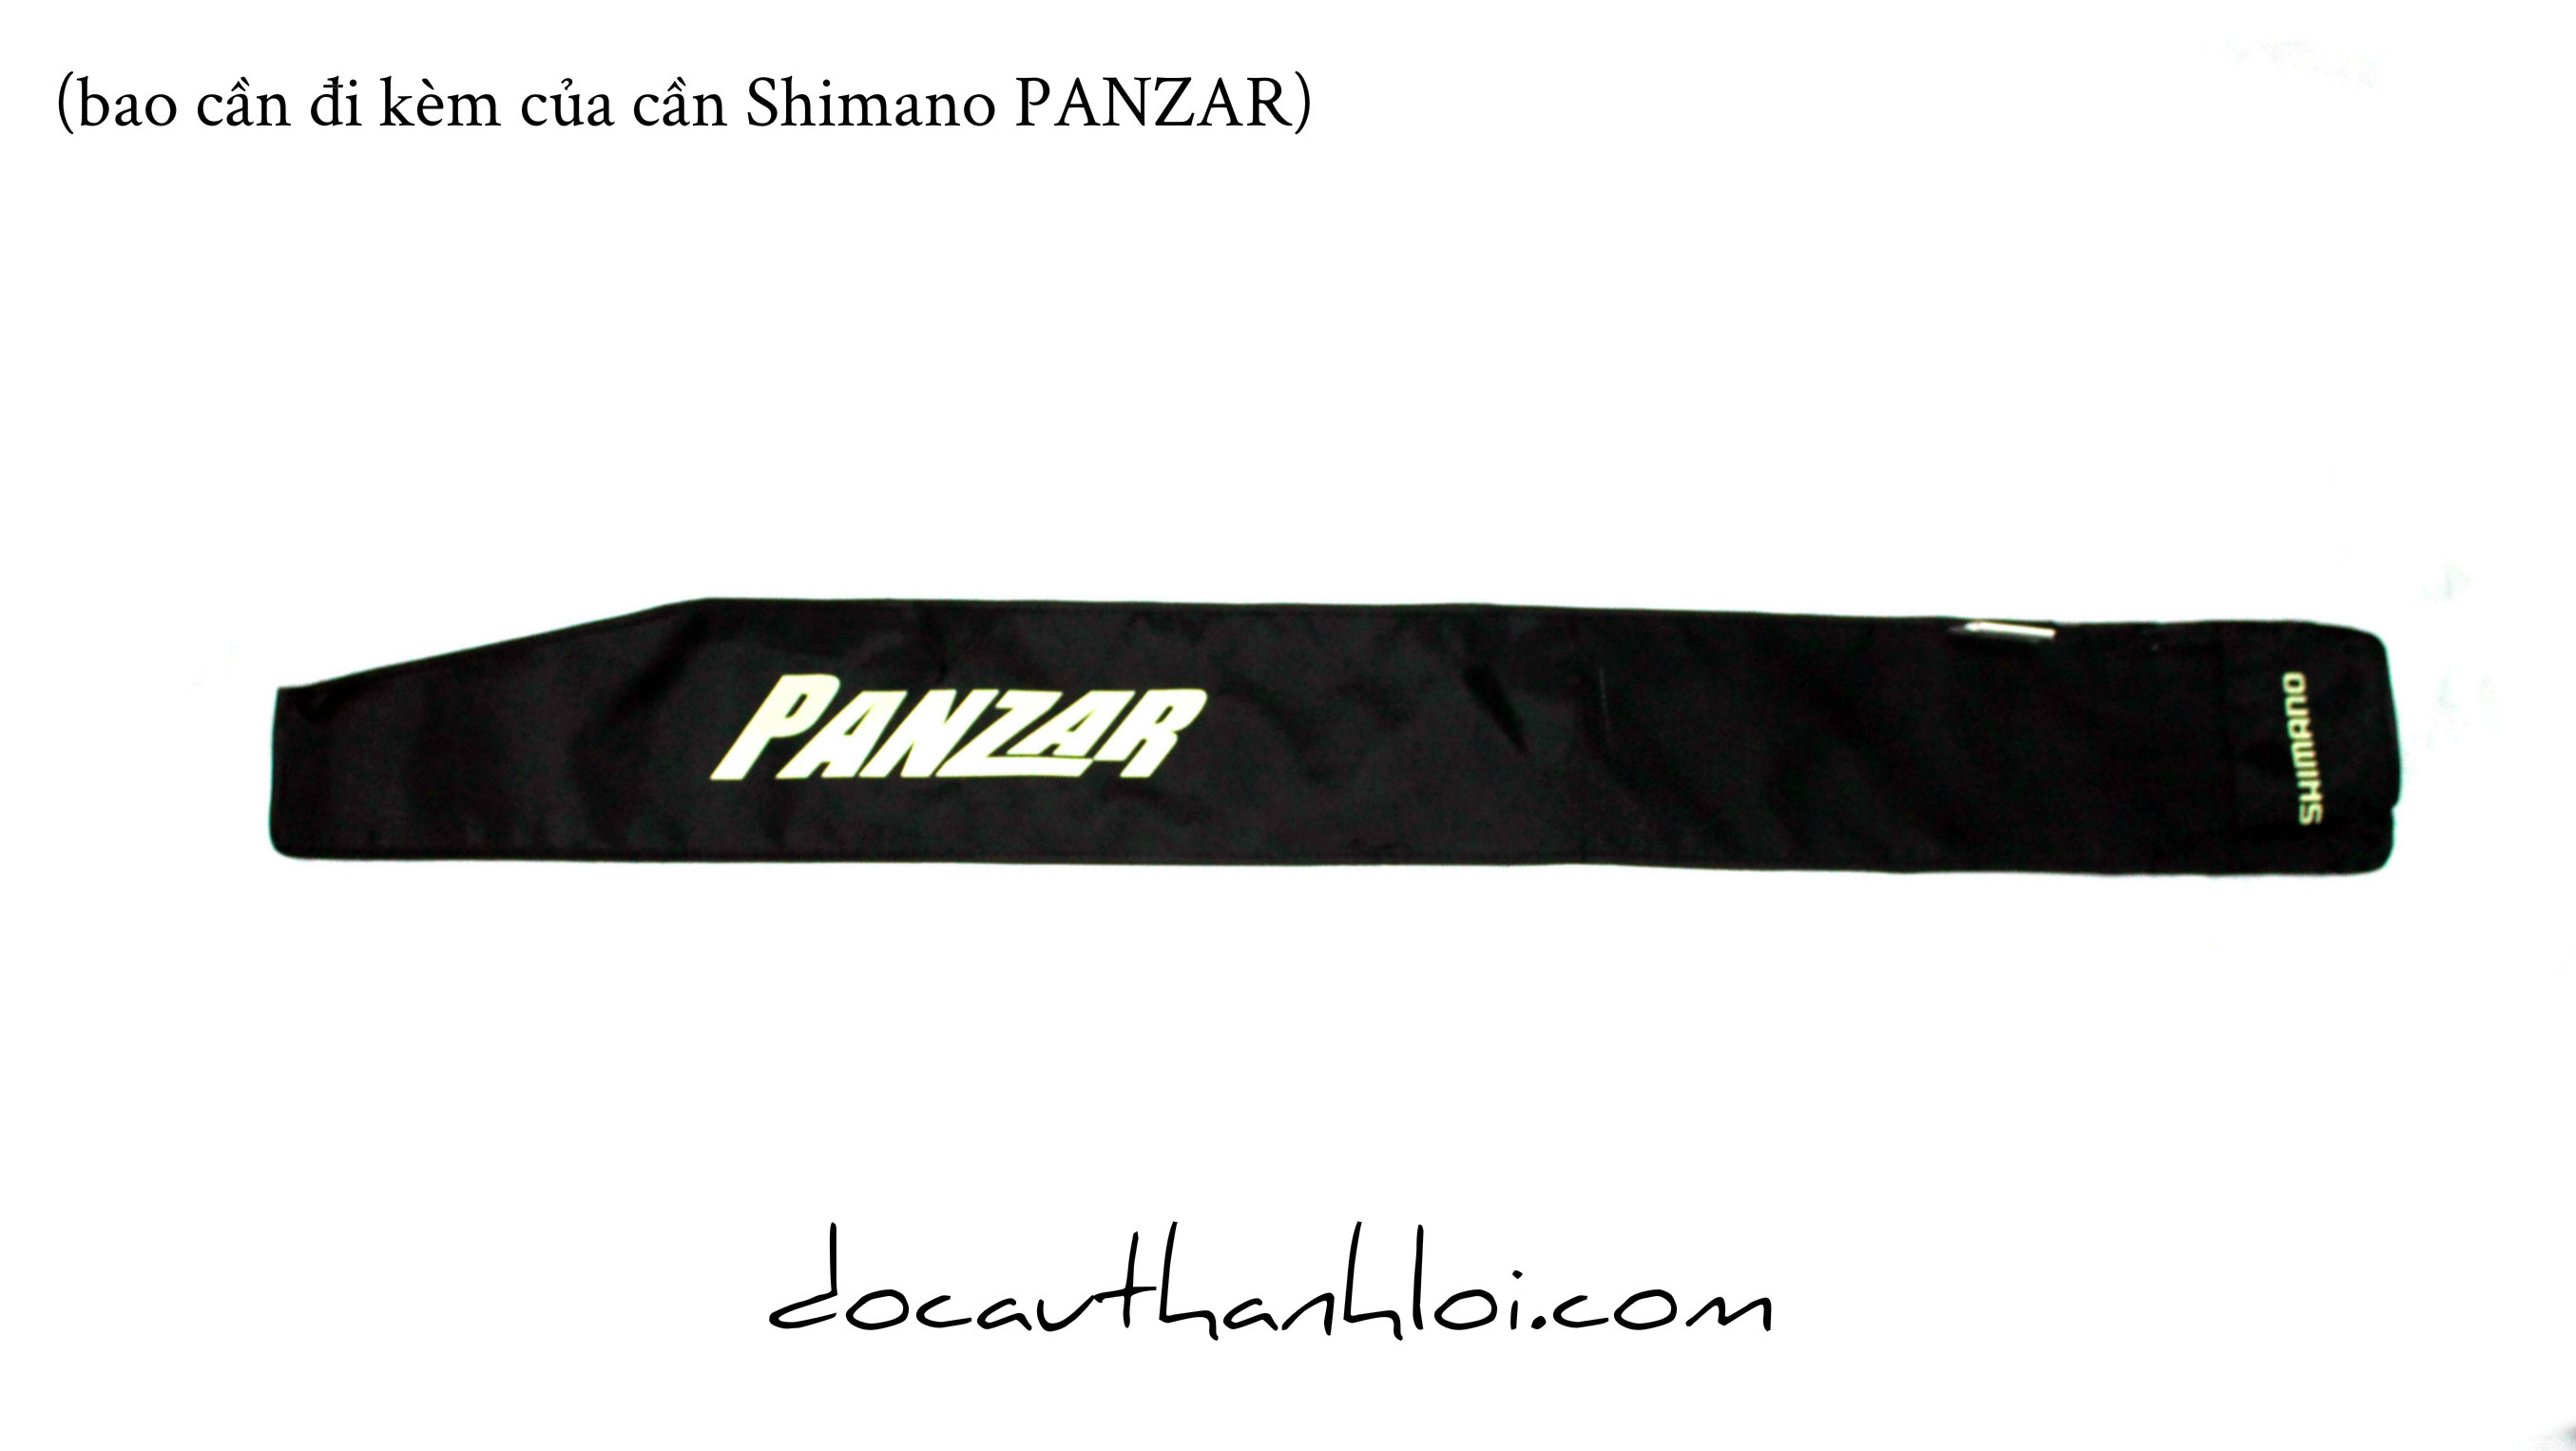 Cần lure (máy đứng) Shimano PANZAR 1m92